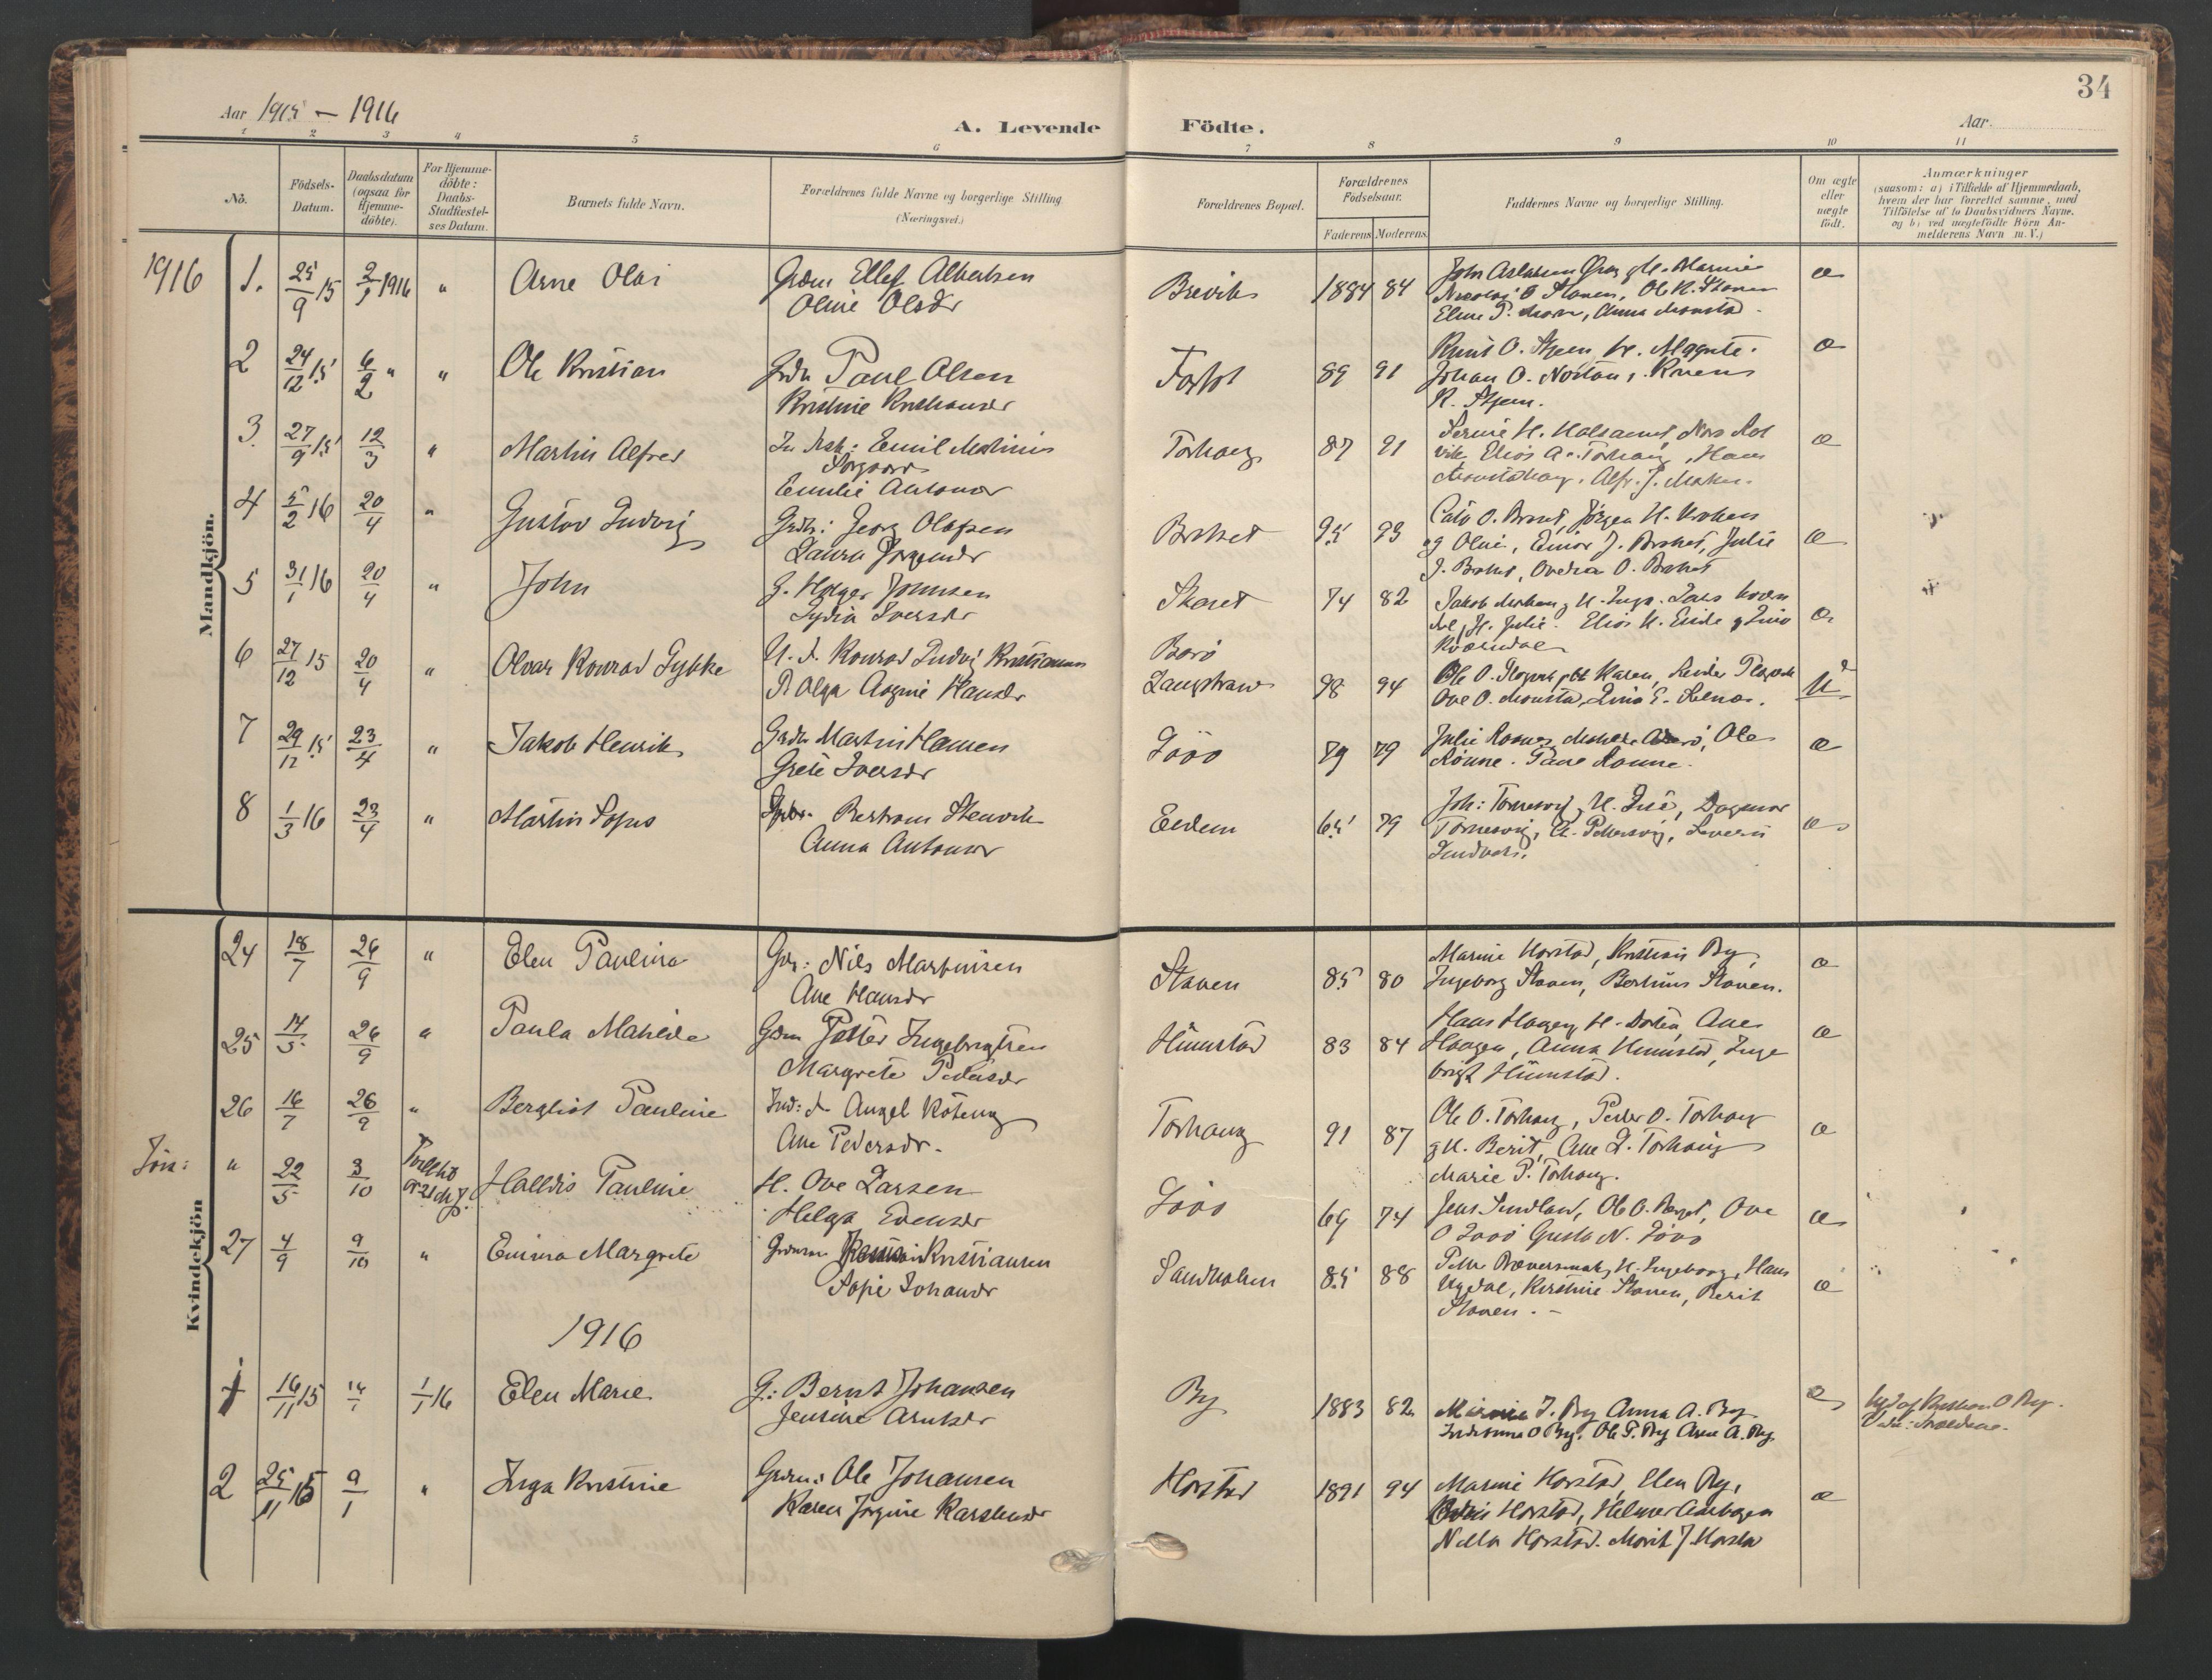 SAT, Ministerialprotokoller, klokkerbøker og fødselsregistre - Sør-Trøndelag, 655/L0682: Ministerialbok nr. 655A11, 1908-1922, s. 34